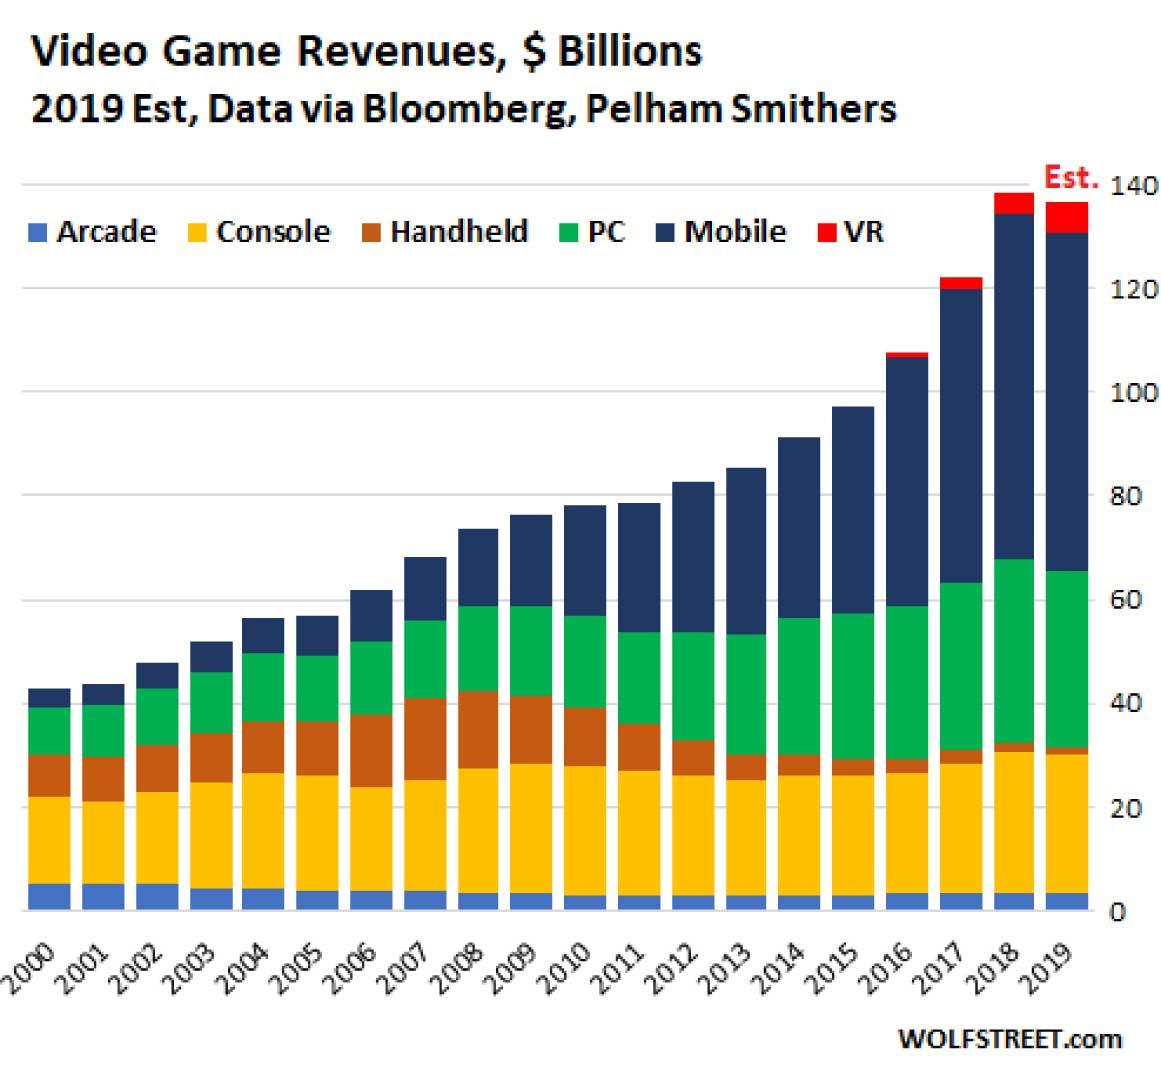 Rozwój przemysłu gier wideo